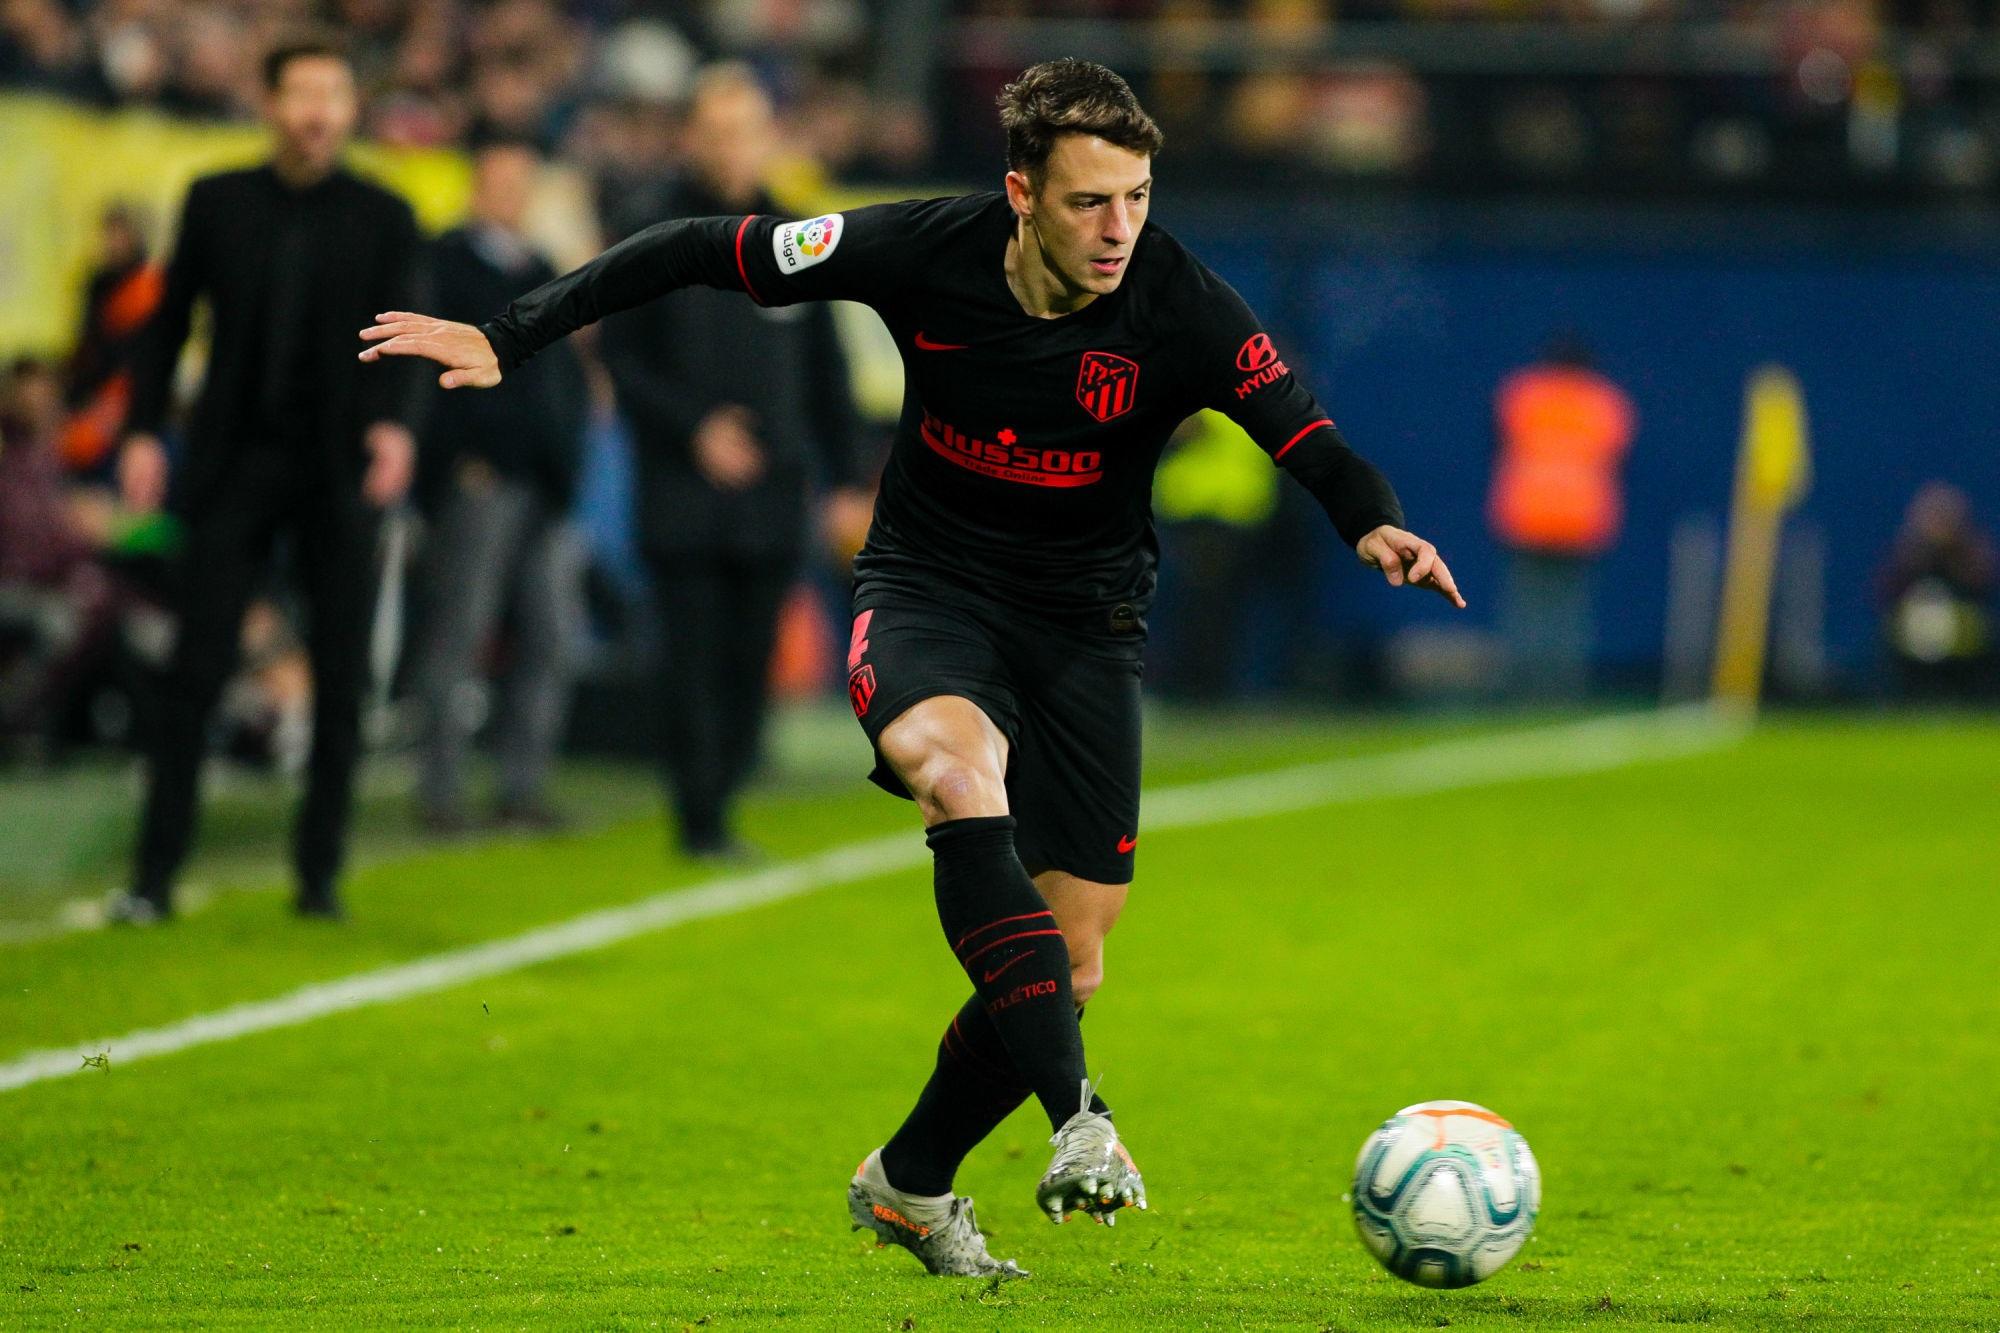 Mercato - Arias, évoqué dans le viseur du PSG, a signé au Bayer Leverkusen